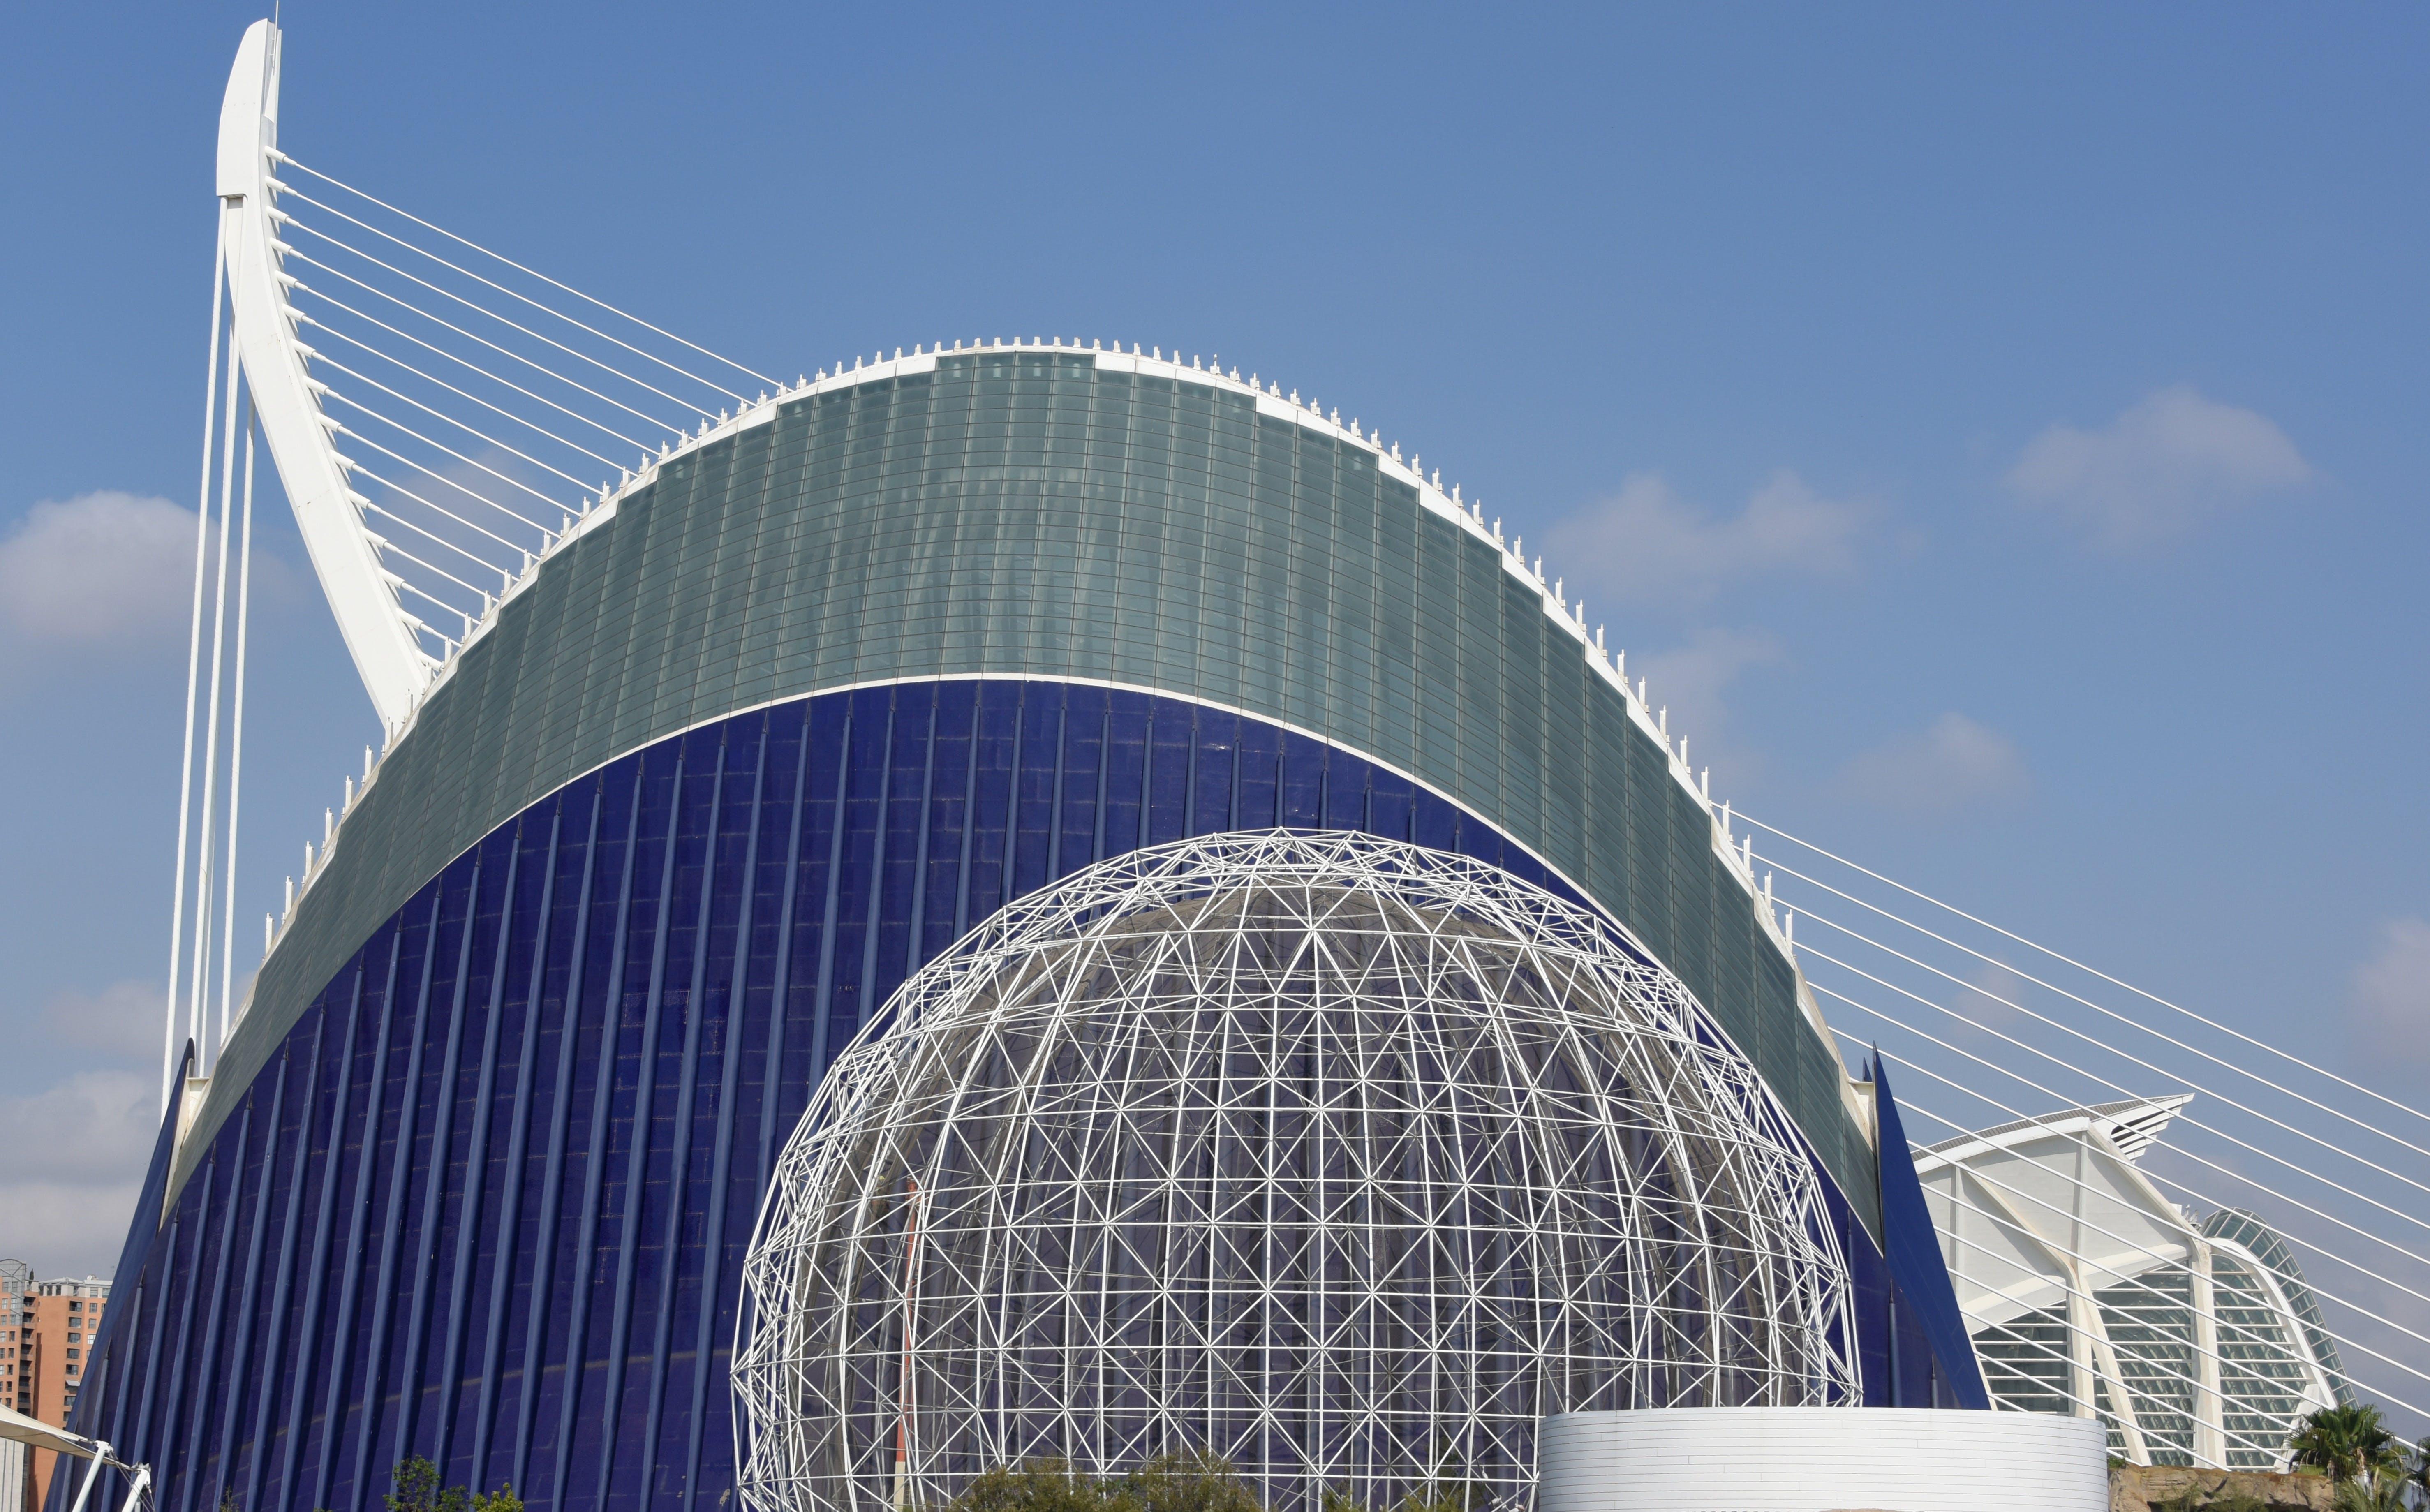 Kostenloses Stock Foto zu aquarium, architektur, aufnahme von unten, bau